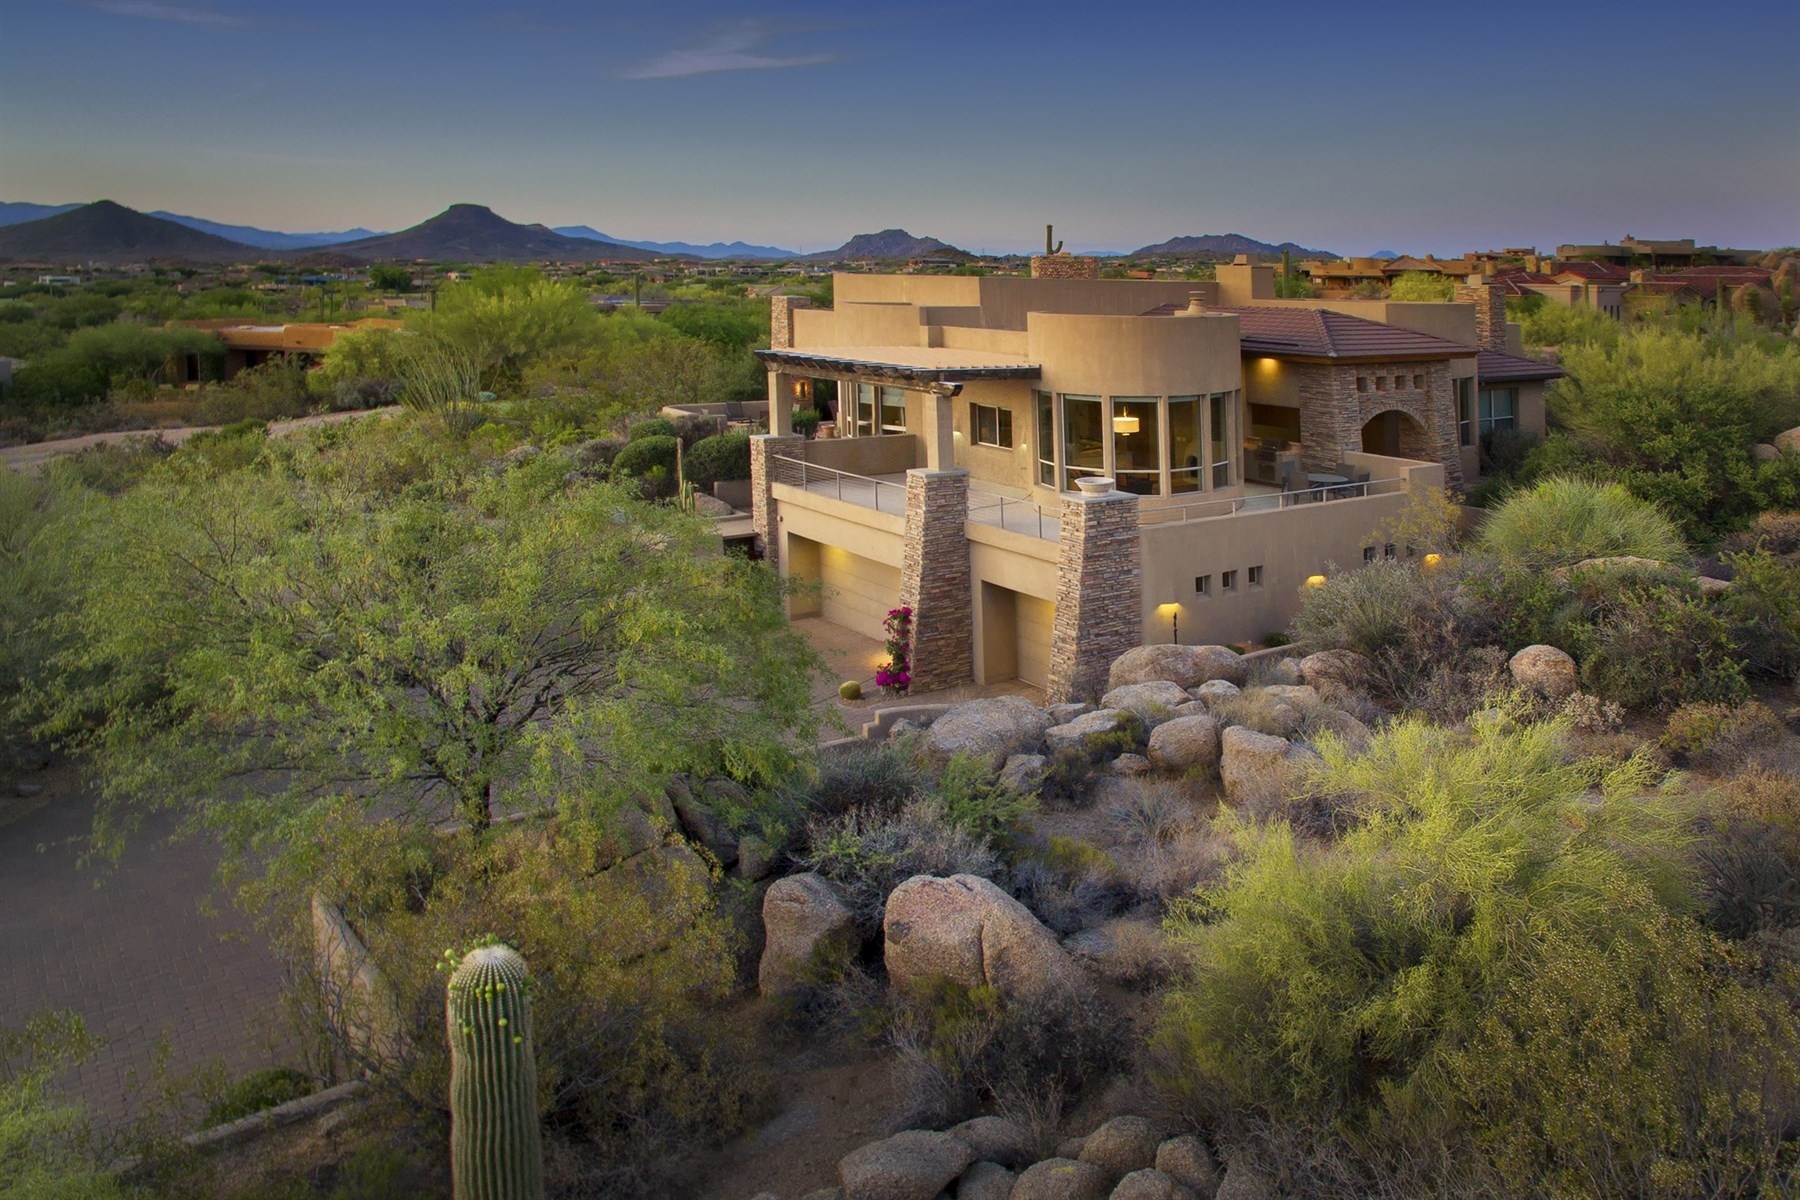 一戸建て のために 売買 アット Right-sized home on an elevated lot in Estancia 10356 E Running Deer Trl Scottsdale, アリゾナ, 85262 アメリカ合衆国